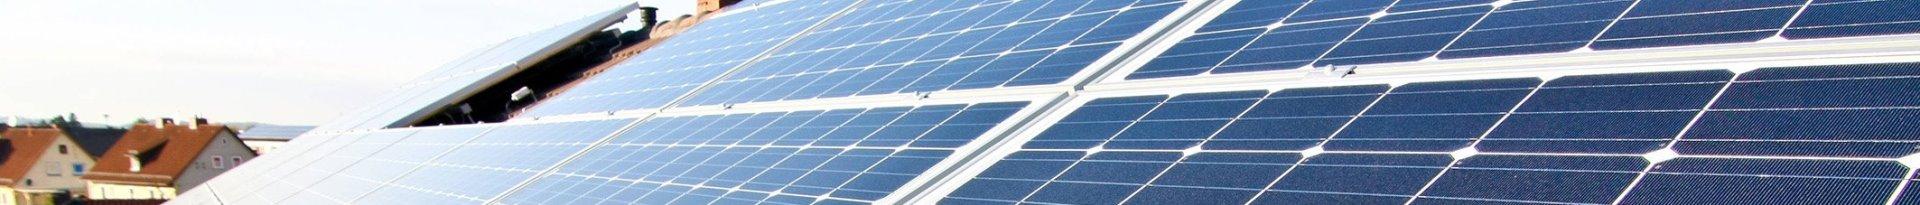 Energie- und Umwelttechnik